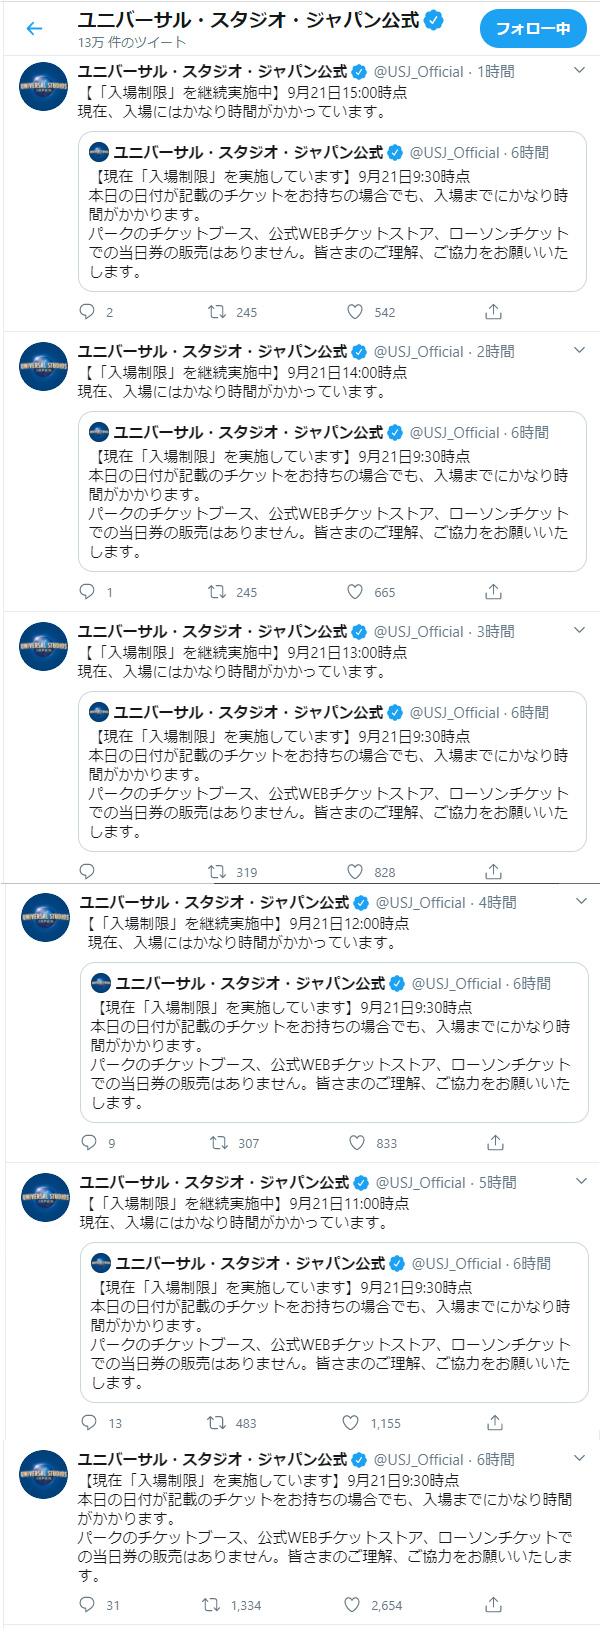 USJ公式ツイッター入場制限